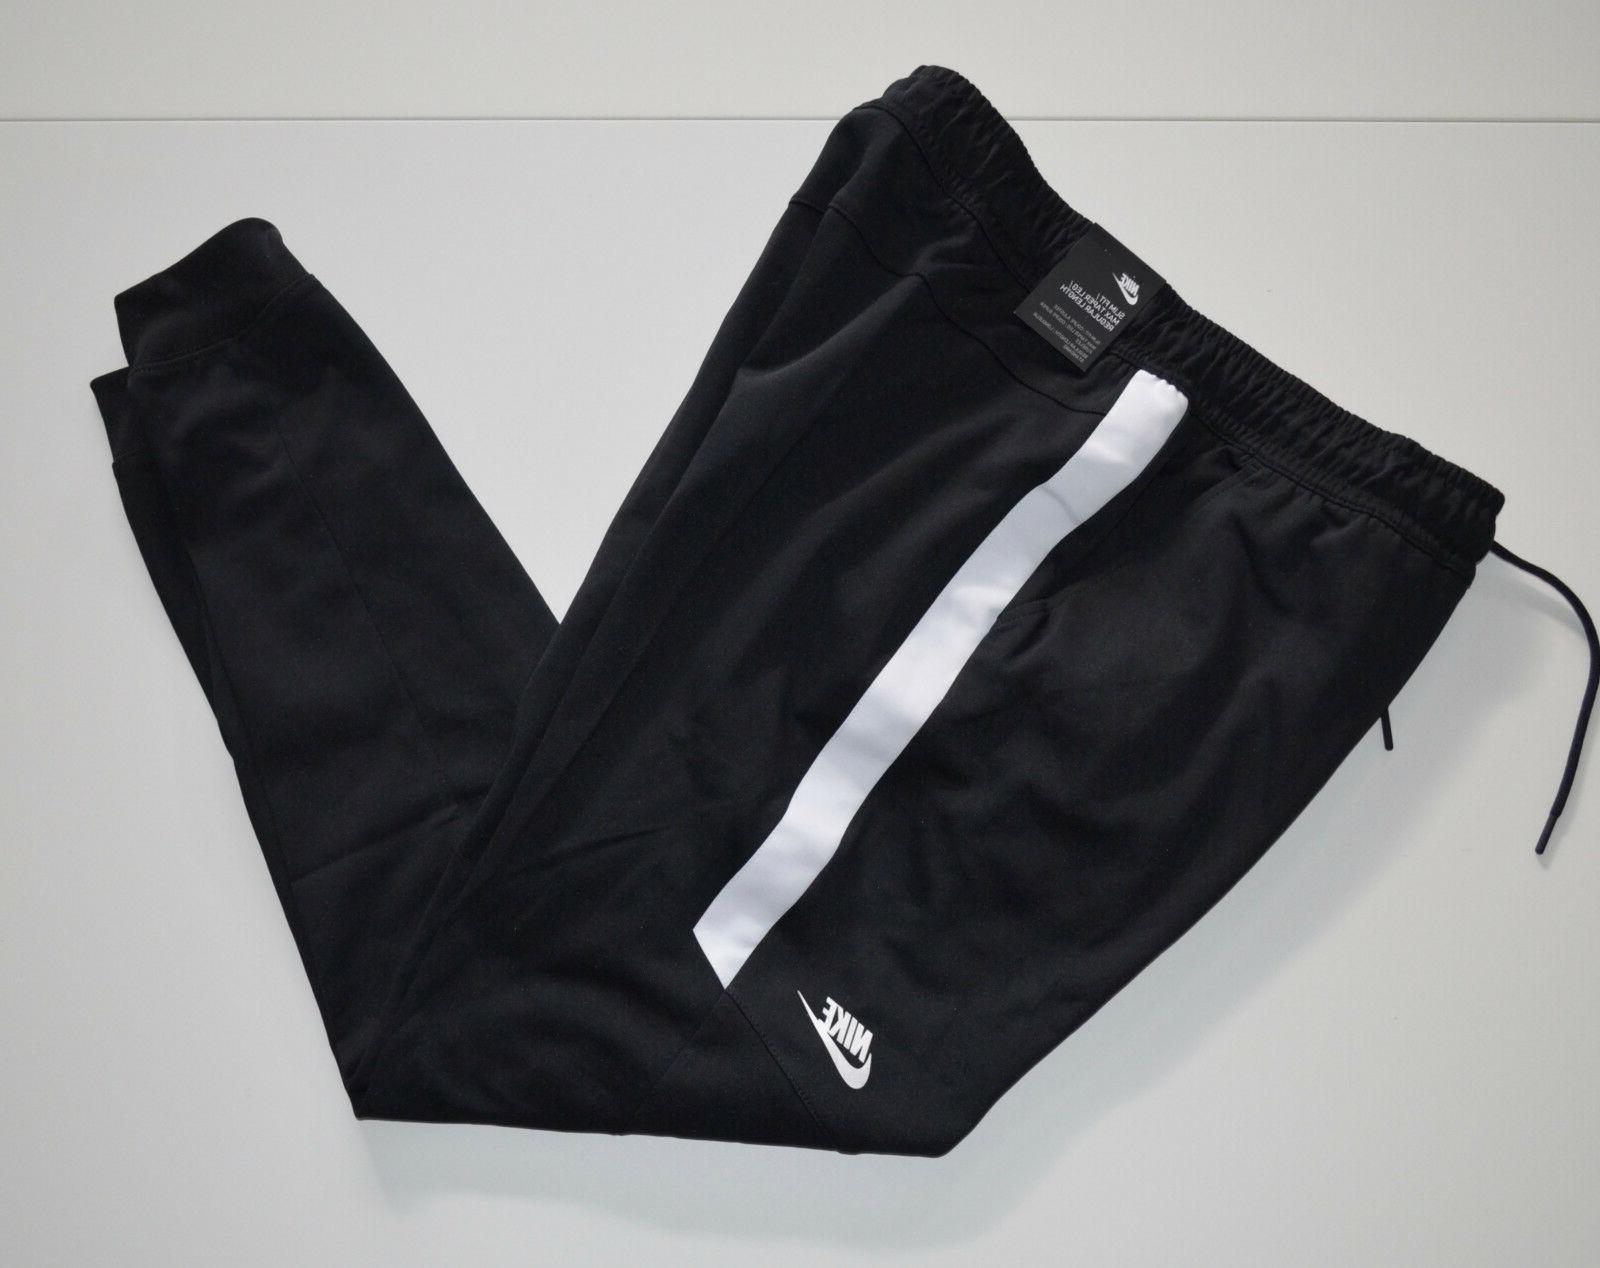 NWT Men's NIKE Sweatpants, Jogger, Black/White, Slim Fit, Ta